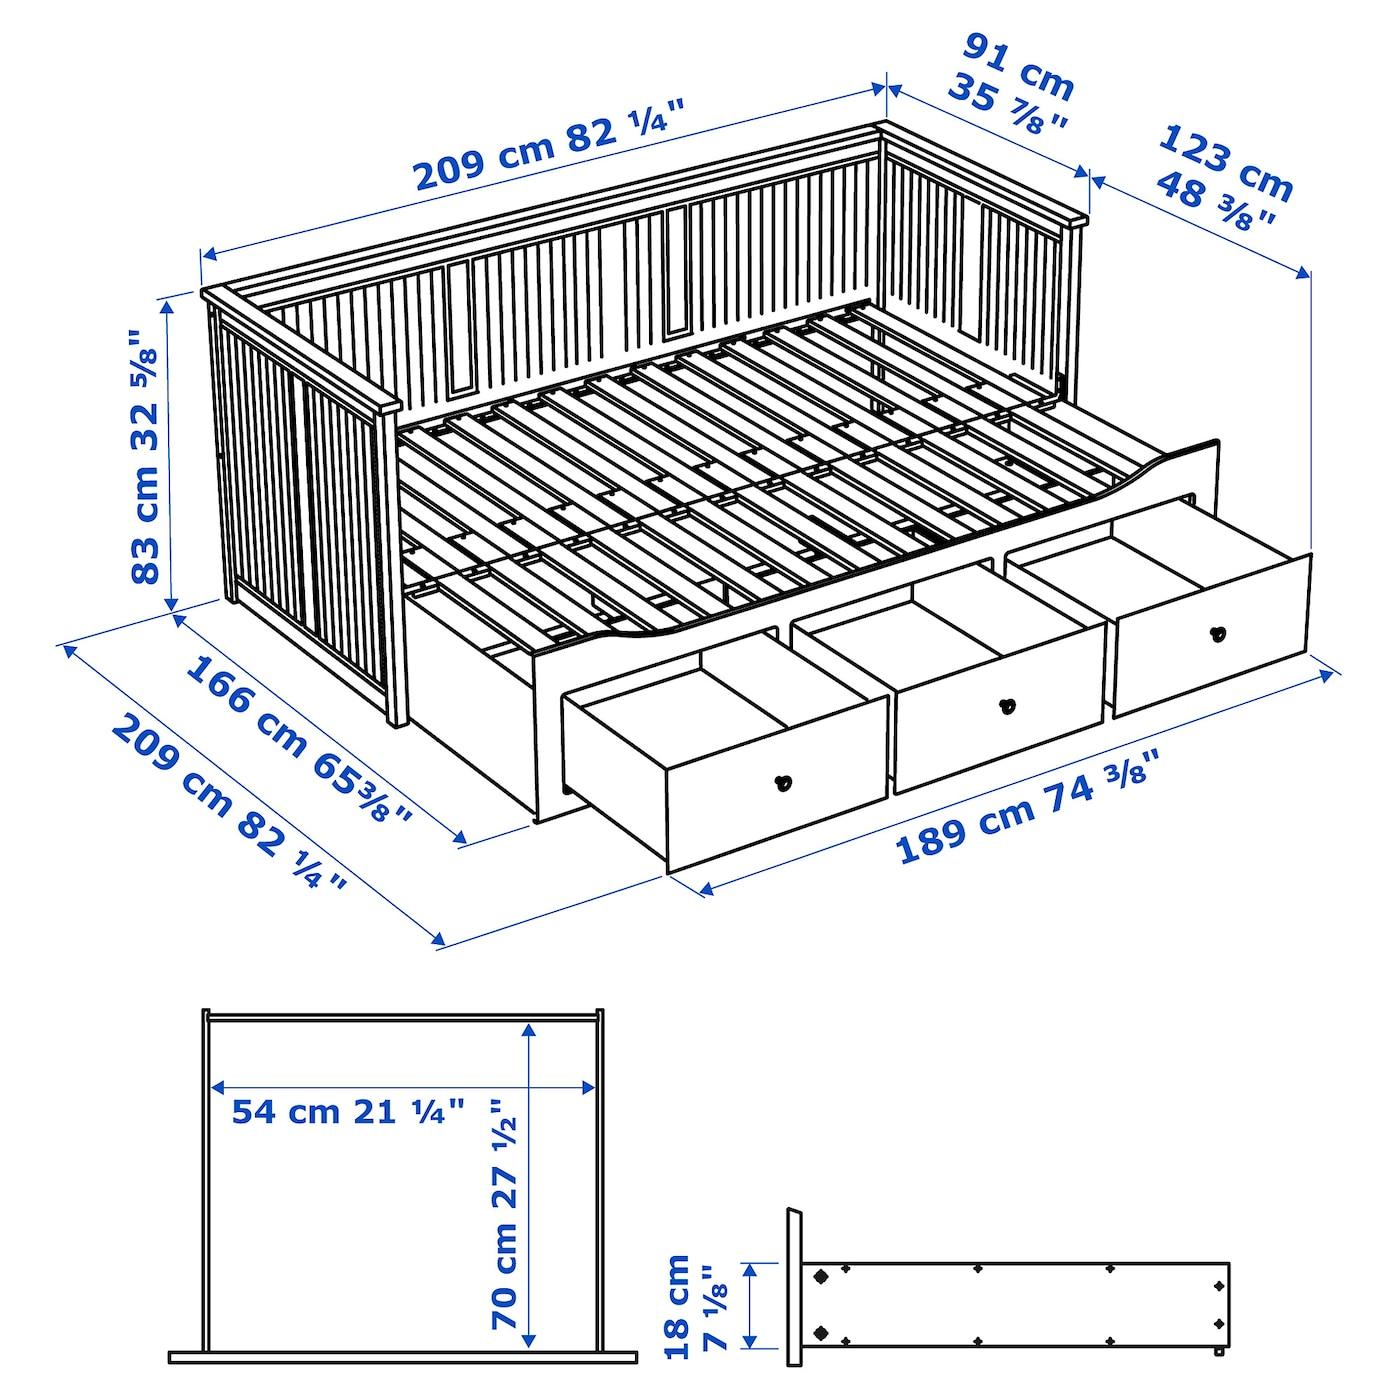 Hemnes Bedbank Met 3 Lades.Hemnes Bedbank Met 3 Lades Wit 80x200 Cm Ikea